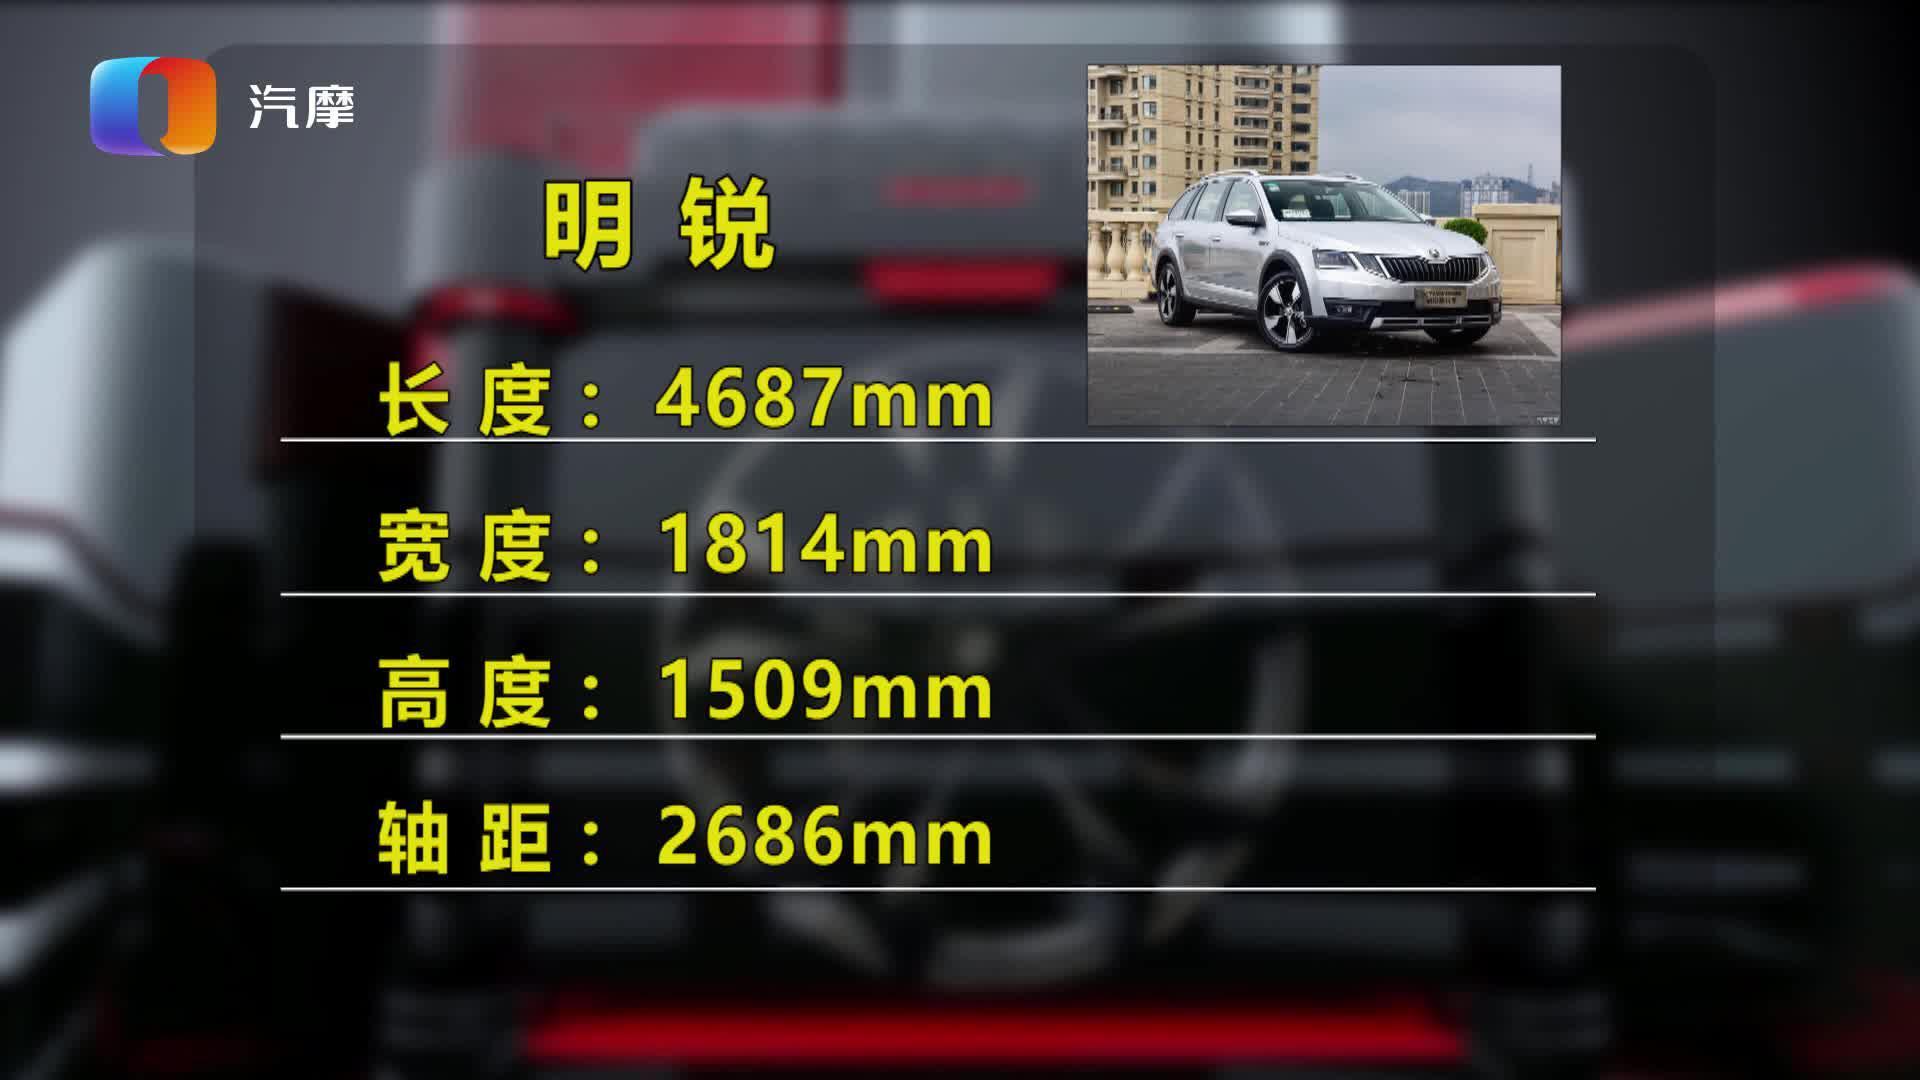 视频:斯柯达明锐旅行版1.4T家用可以吗?